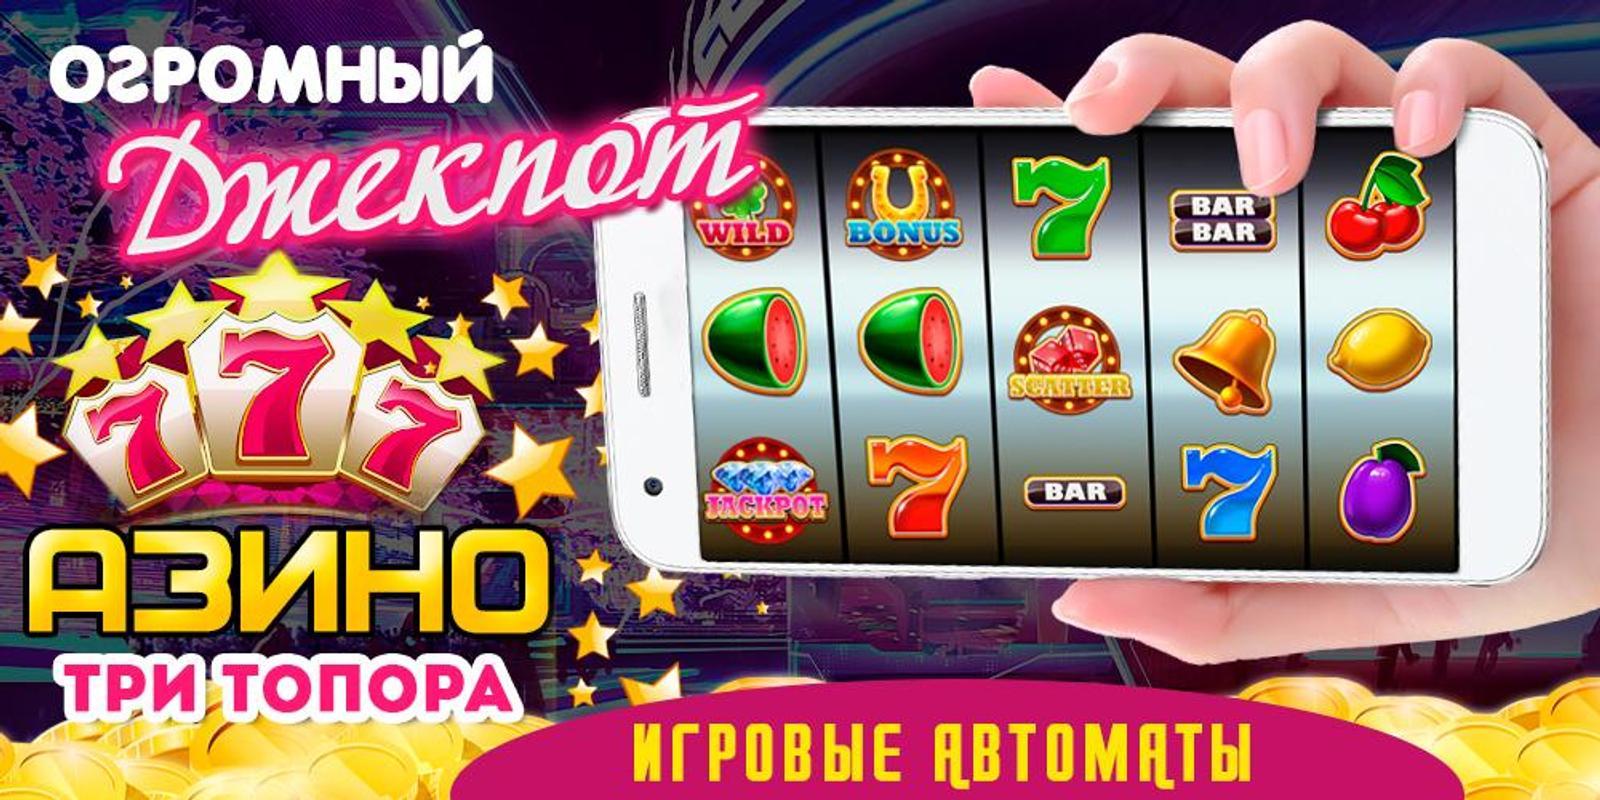 азино три топора игровые автоматы бонус